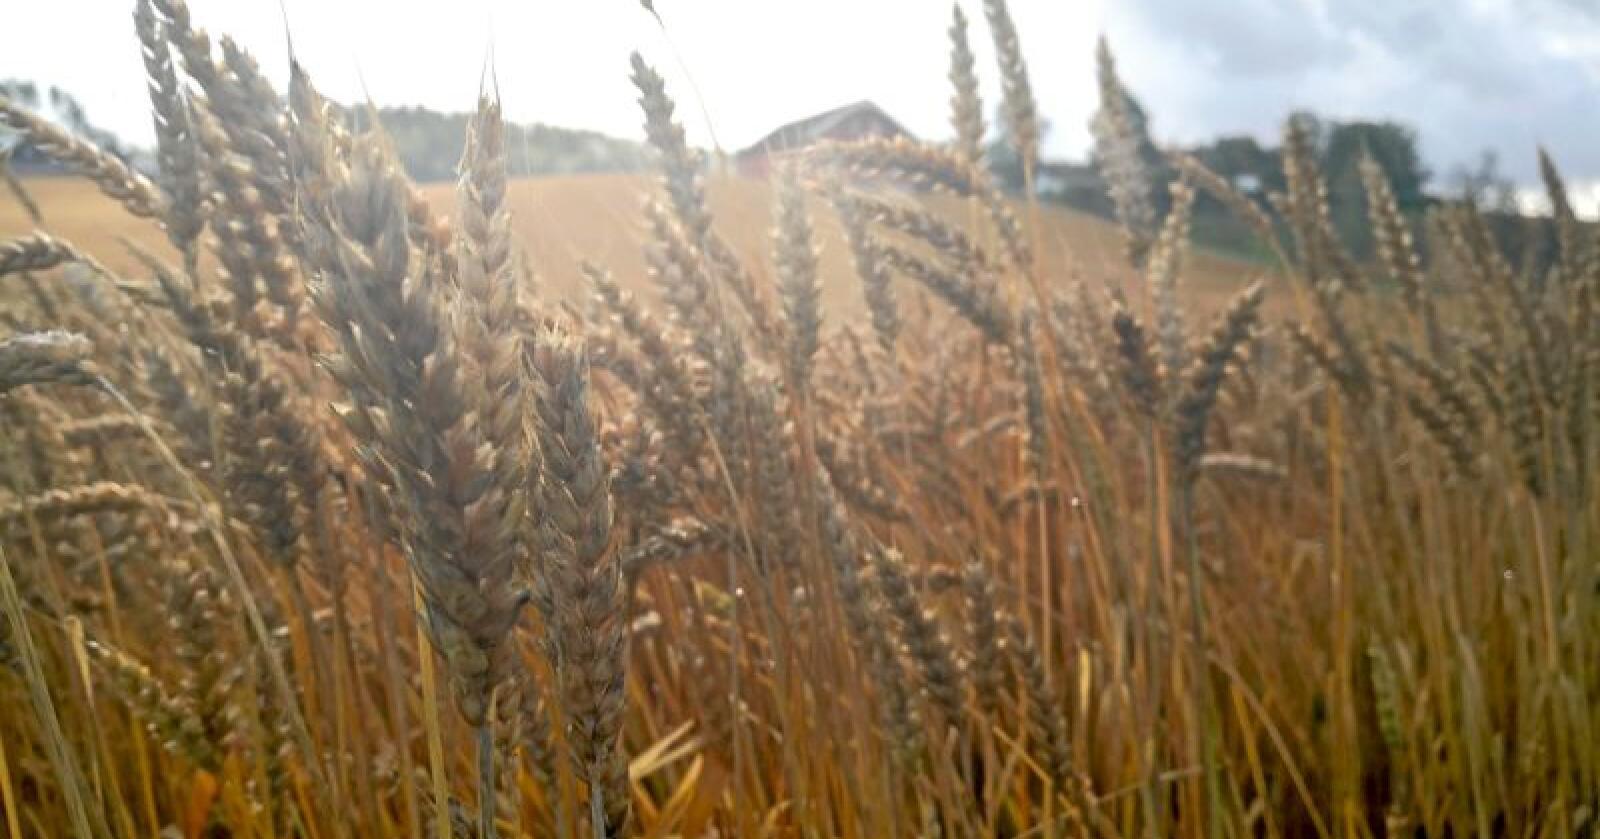 Regjeringen vil ikke innføre et beredskapslager for korn. Foto: Jon-Fredrik Klausen